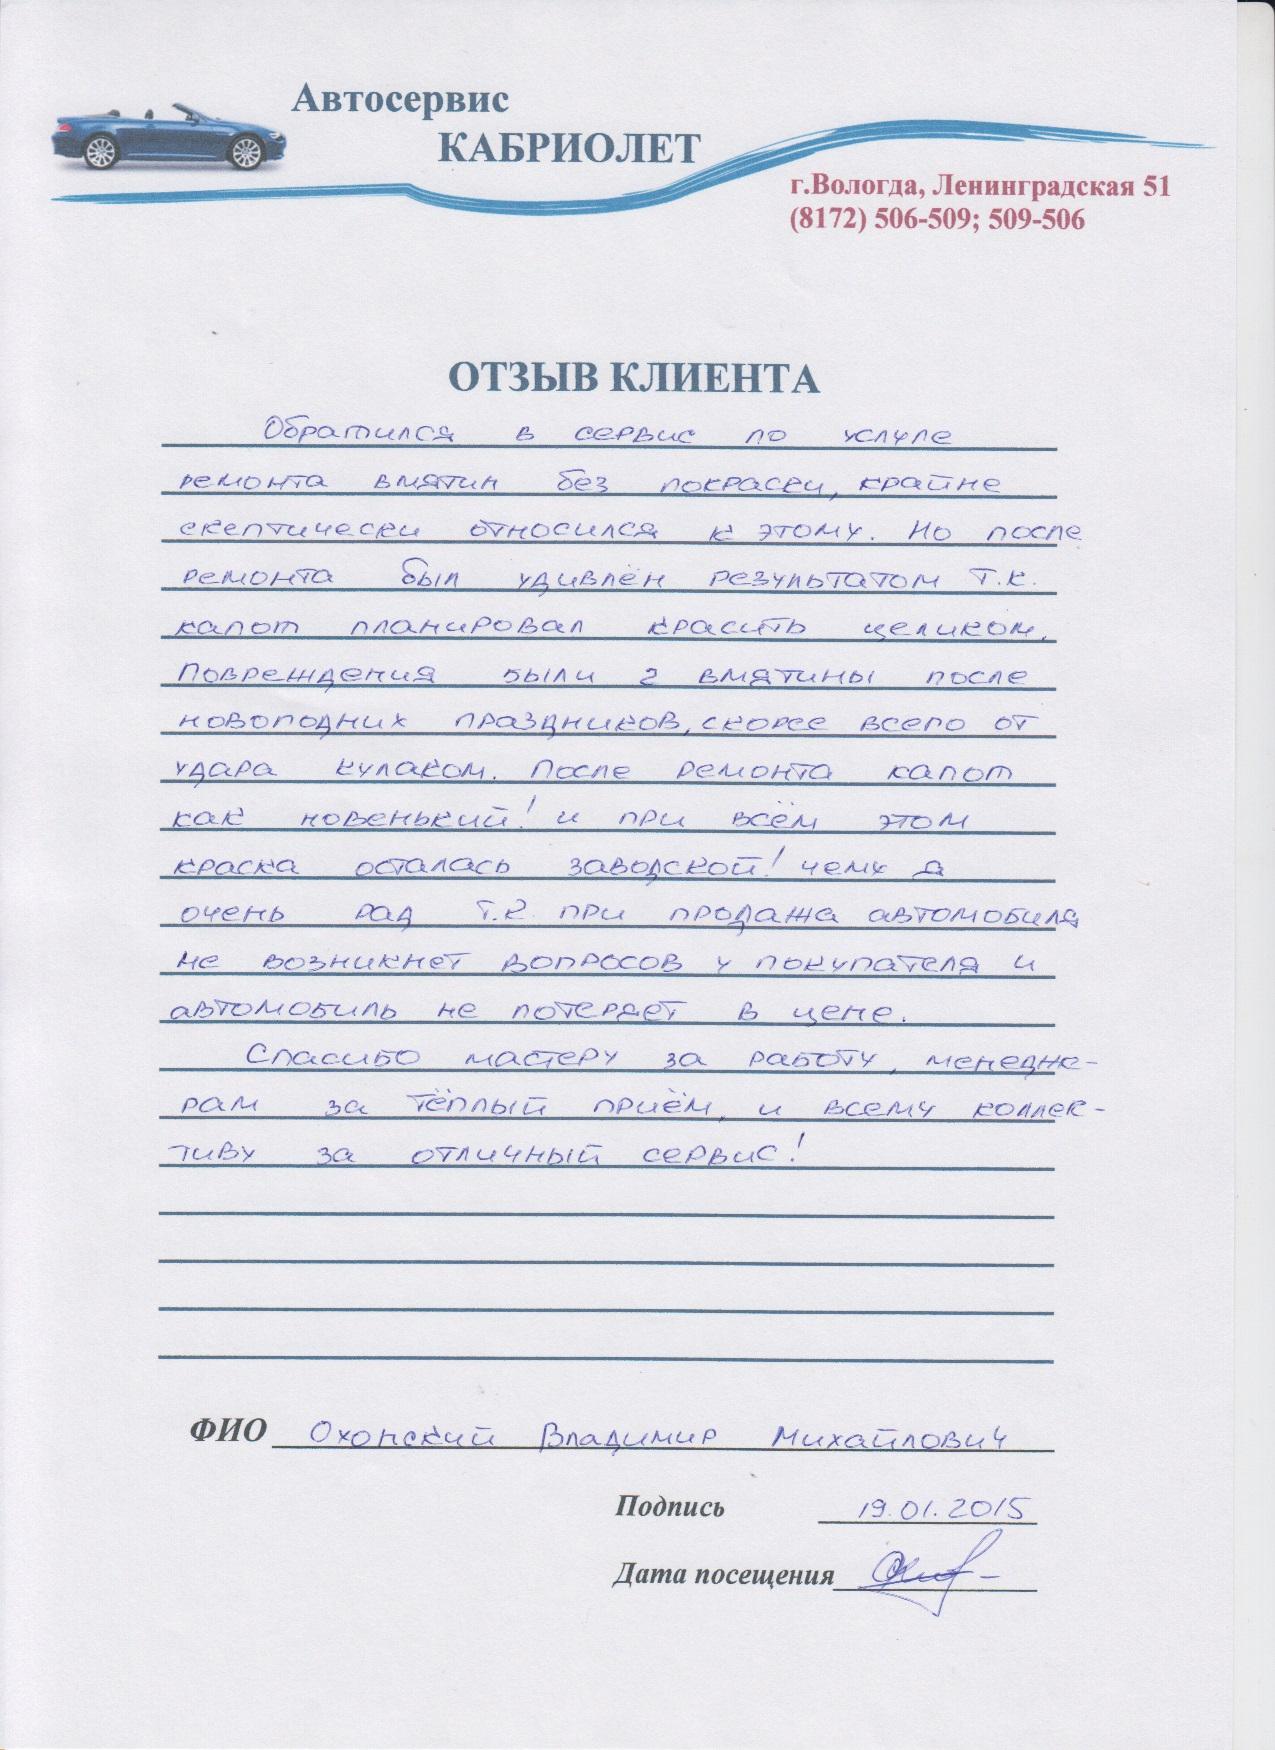 Охонский Владимир Михайлович.jpg